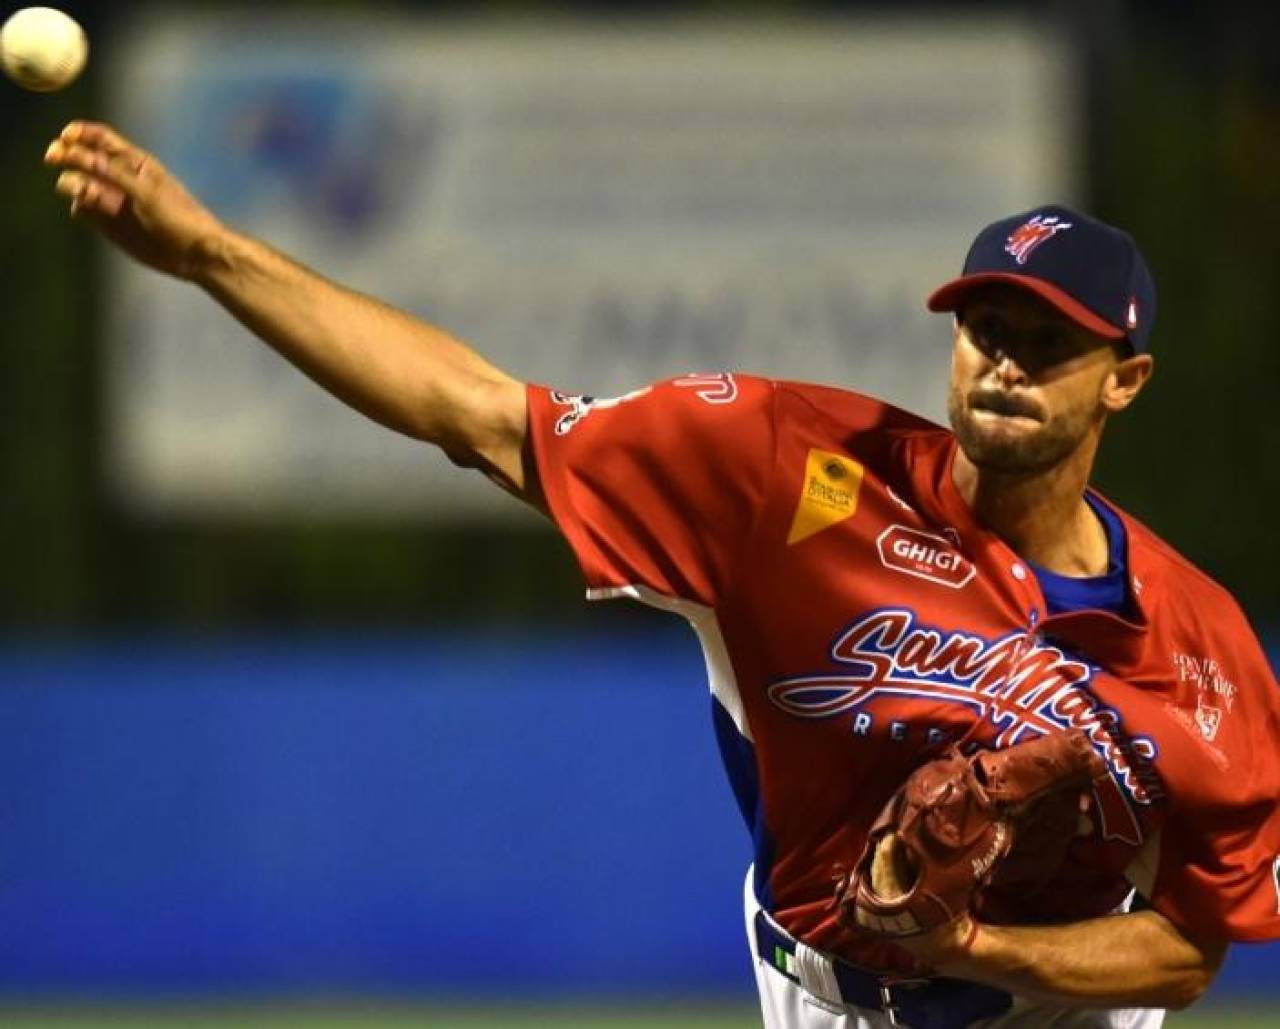 Il pitcher Alessandro Maestri ha coperto la gara effettuando 96 lanci